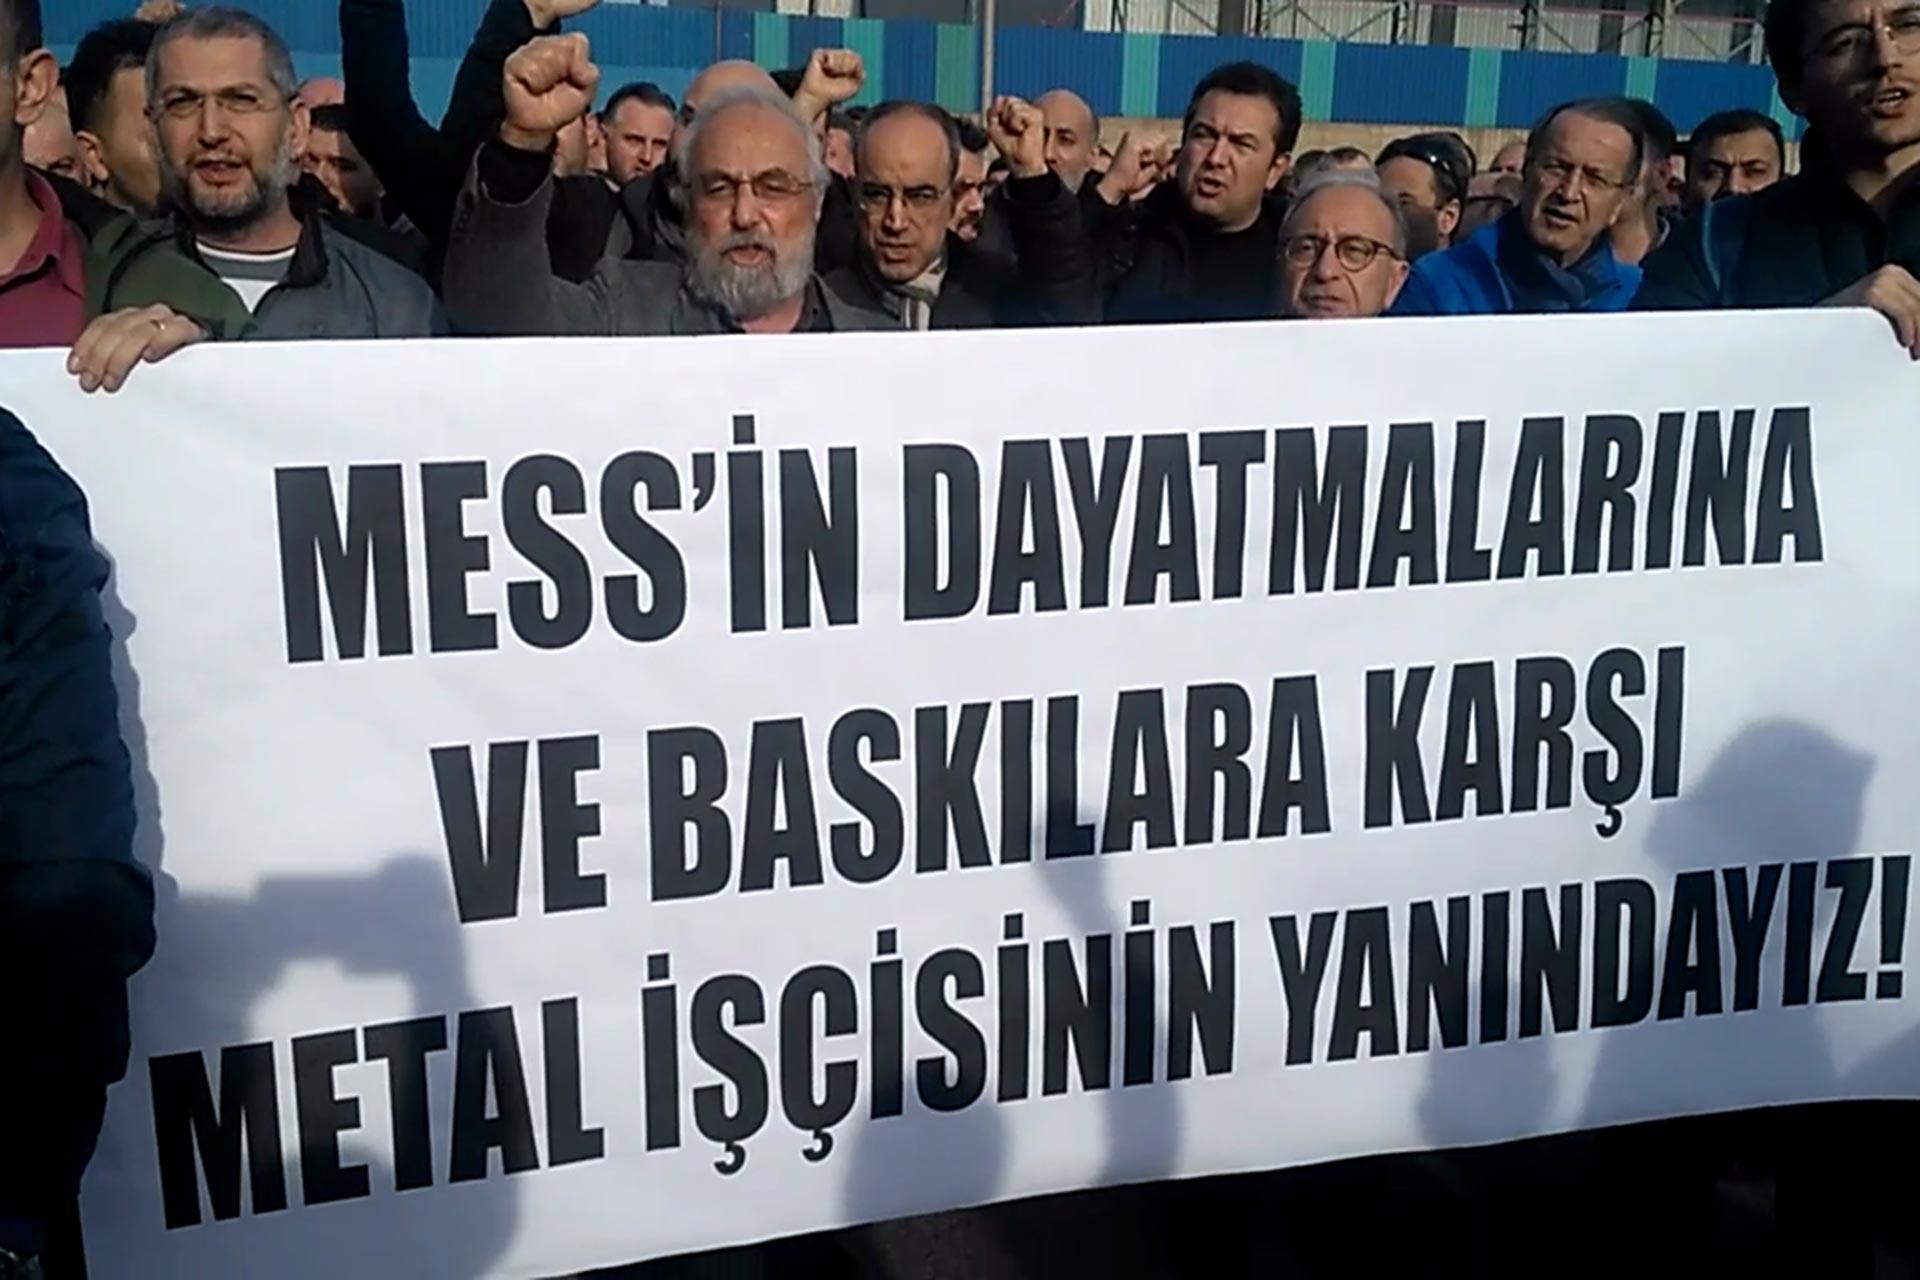 Gebze Sarkuysan fabrikası işçilerinin MESS'i uyarmak için yaptığı eyleme akademisyenler ve yazarlar da destek verdi